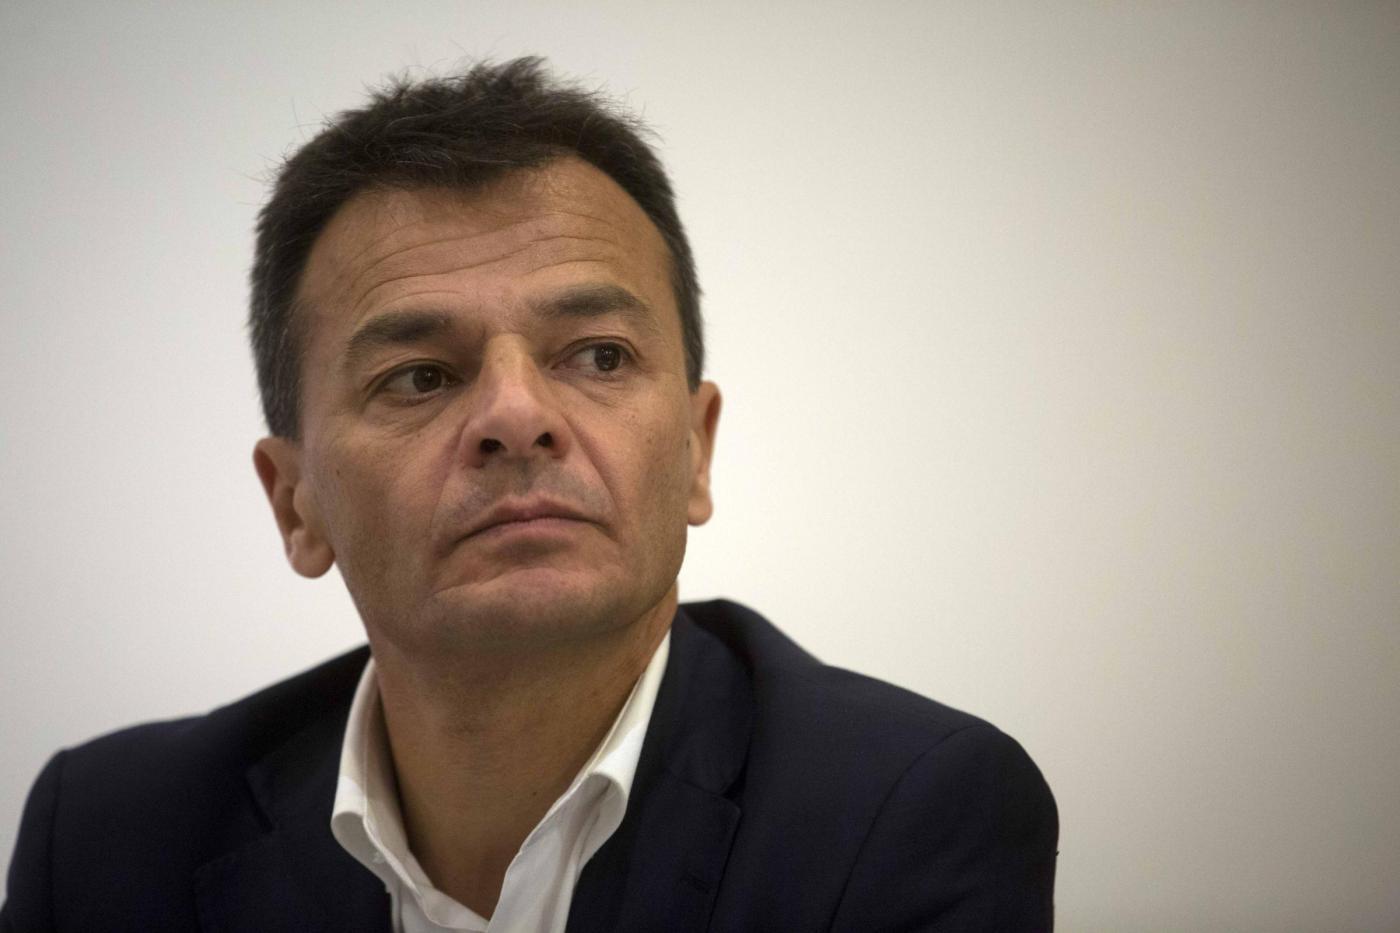 Elezioni Roma, Tar esclude Stefano Fassina: 'Faremo ricorso al Consiglio di Stato'